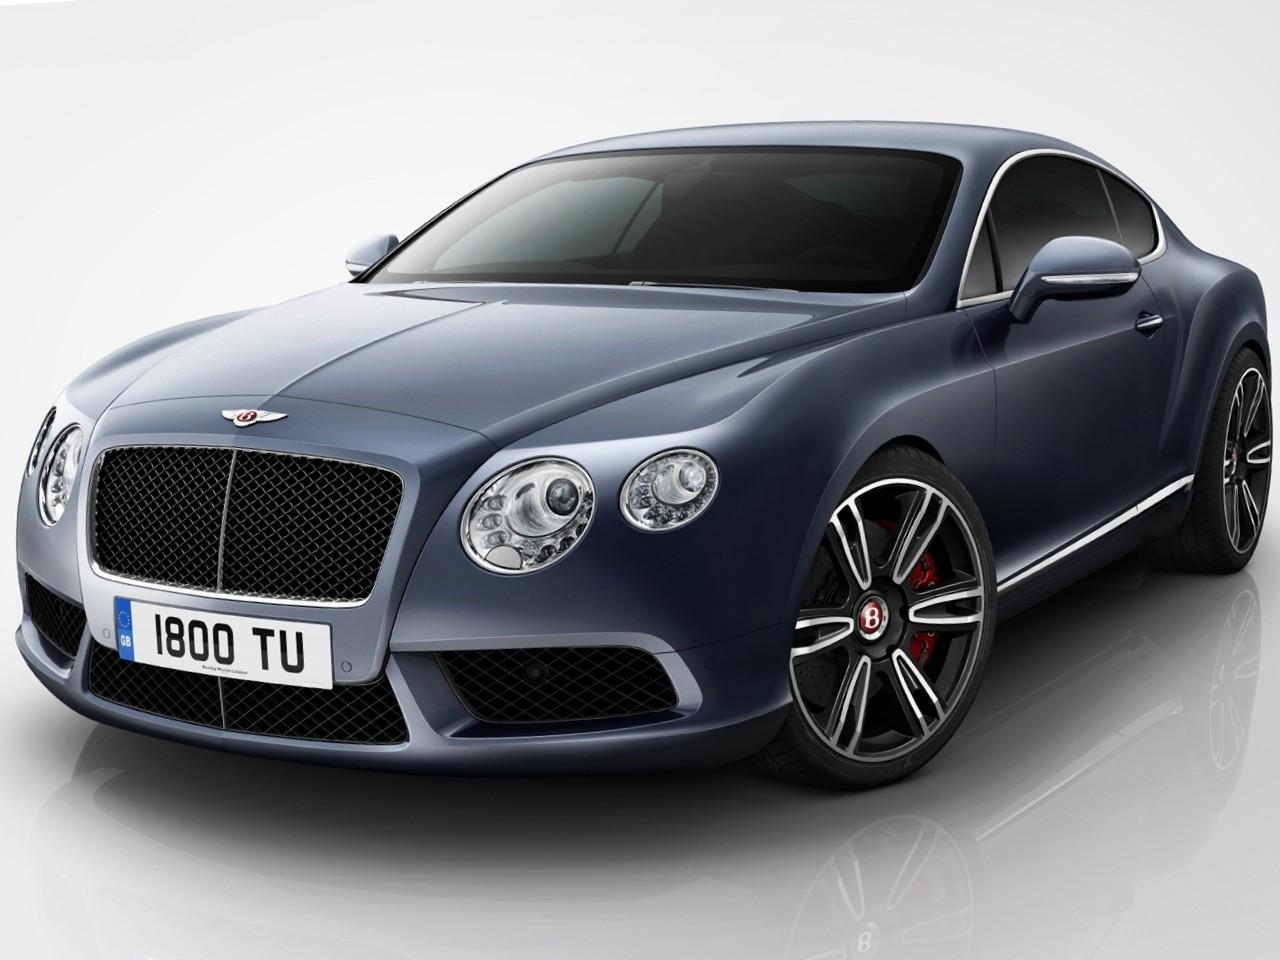 ベントレー コンチネンタルGT 2011年モデル 新車画像